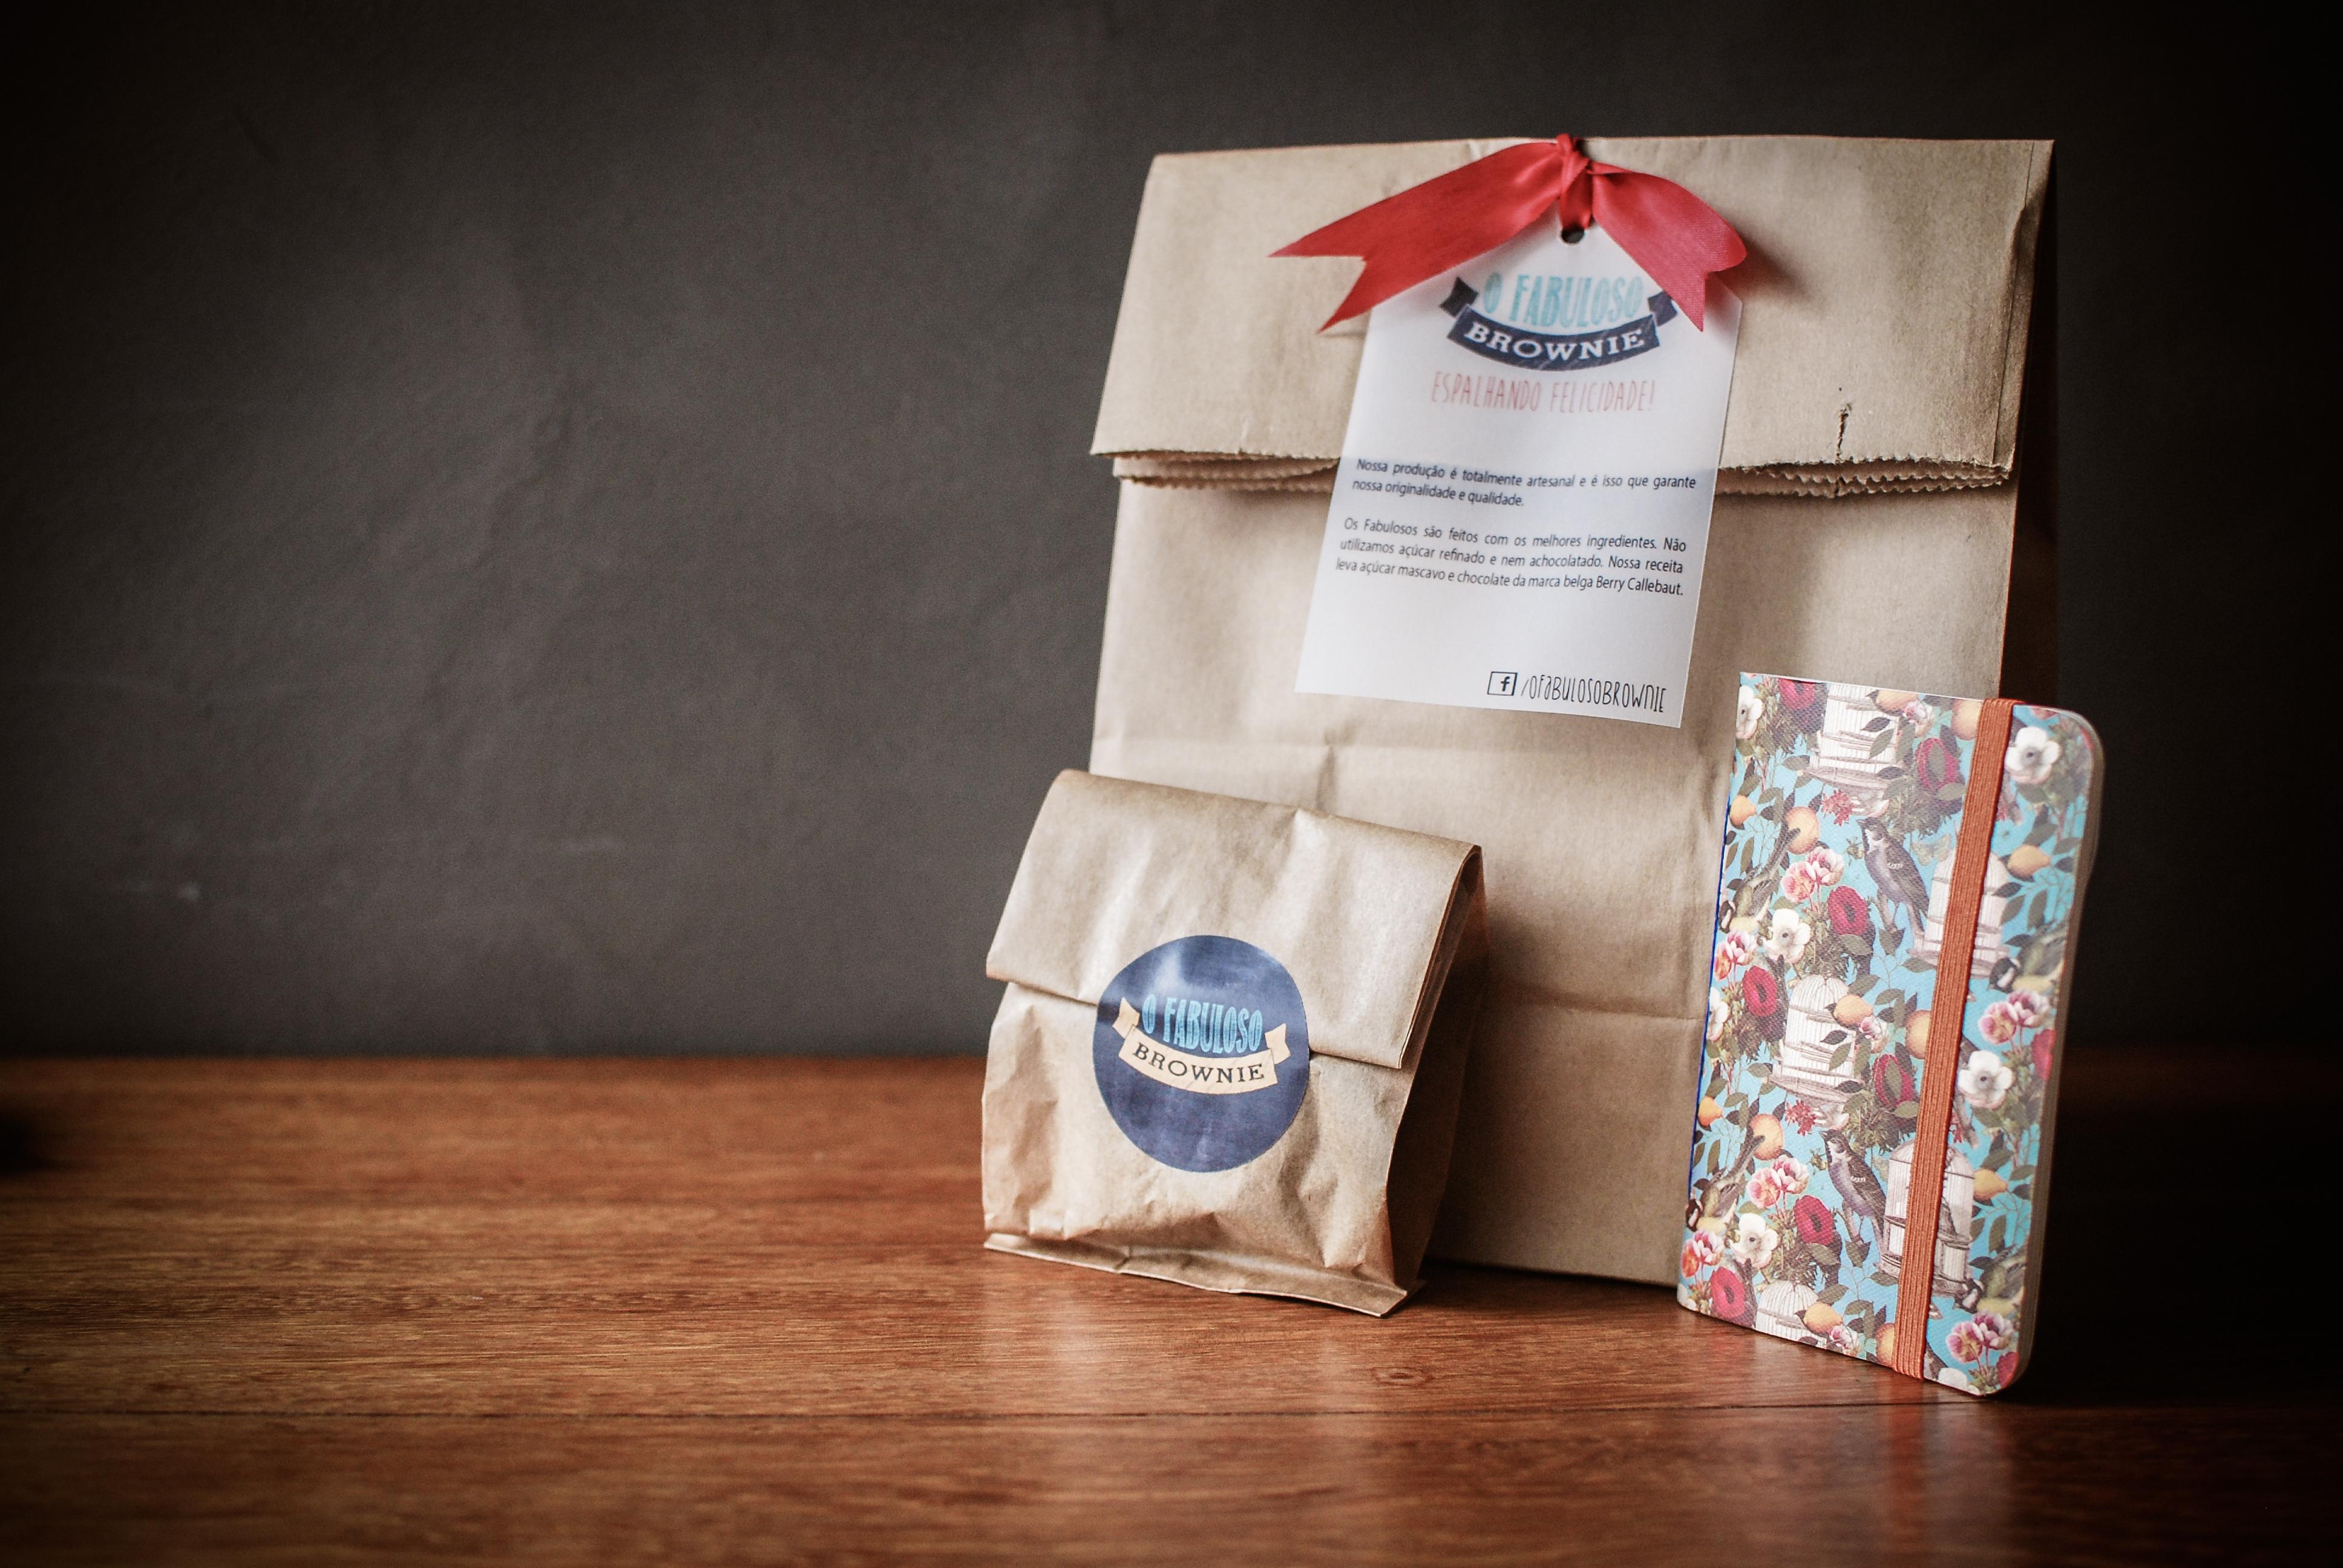 Kit brownies e caderno - Natal 2014